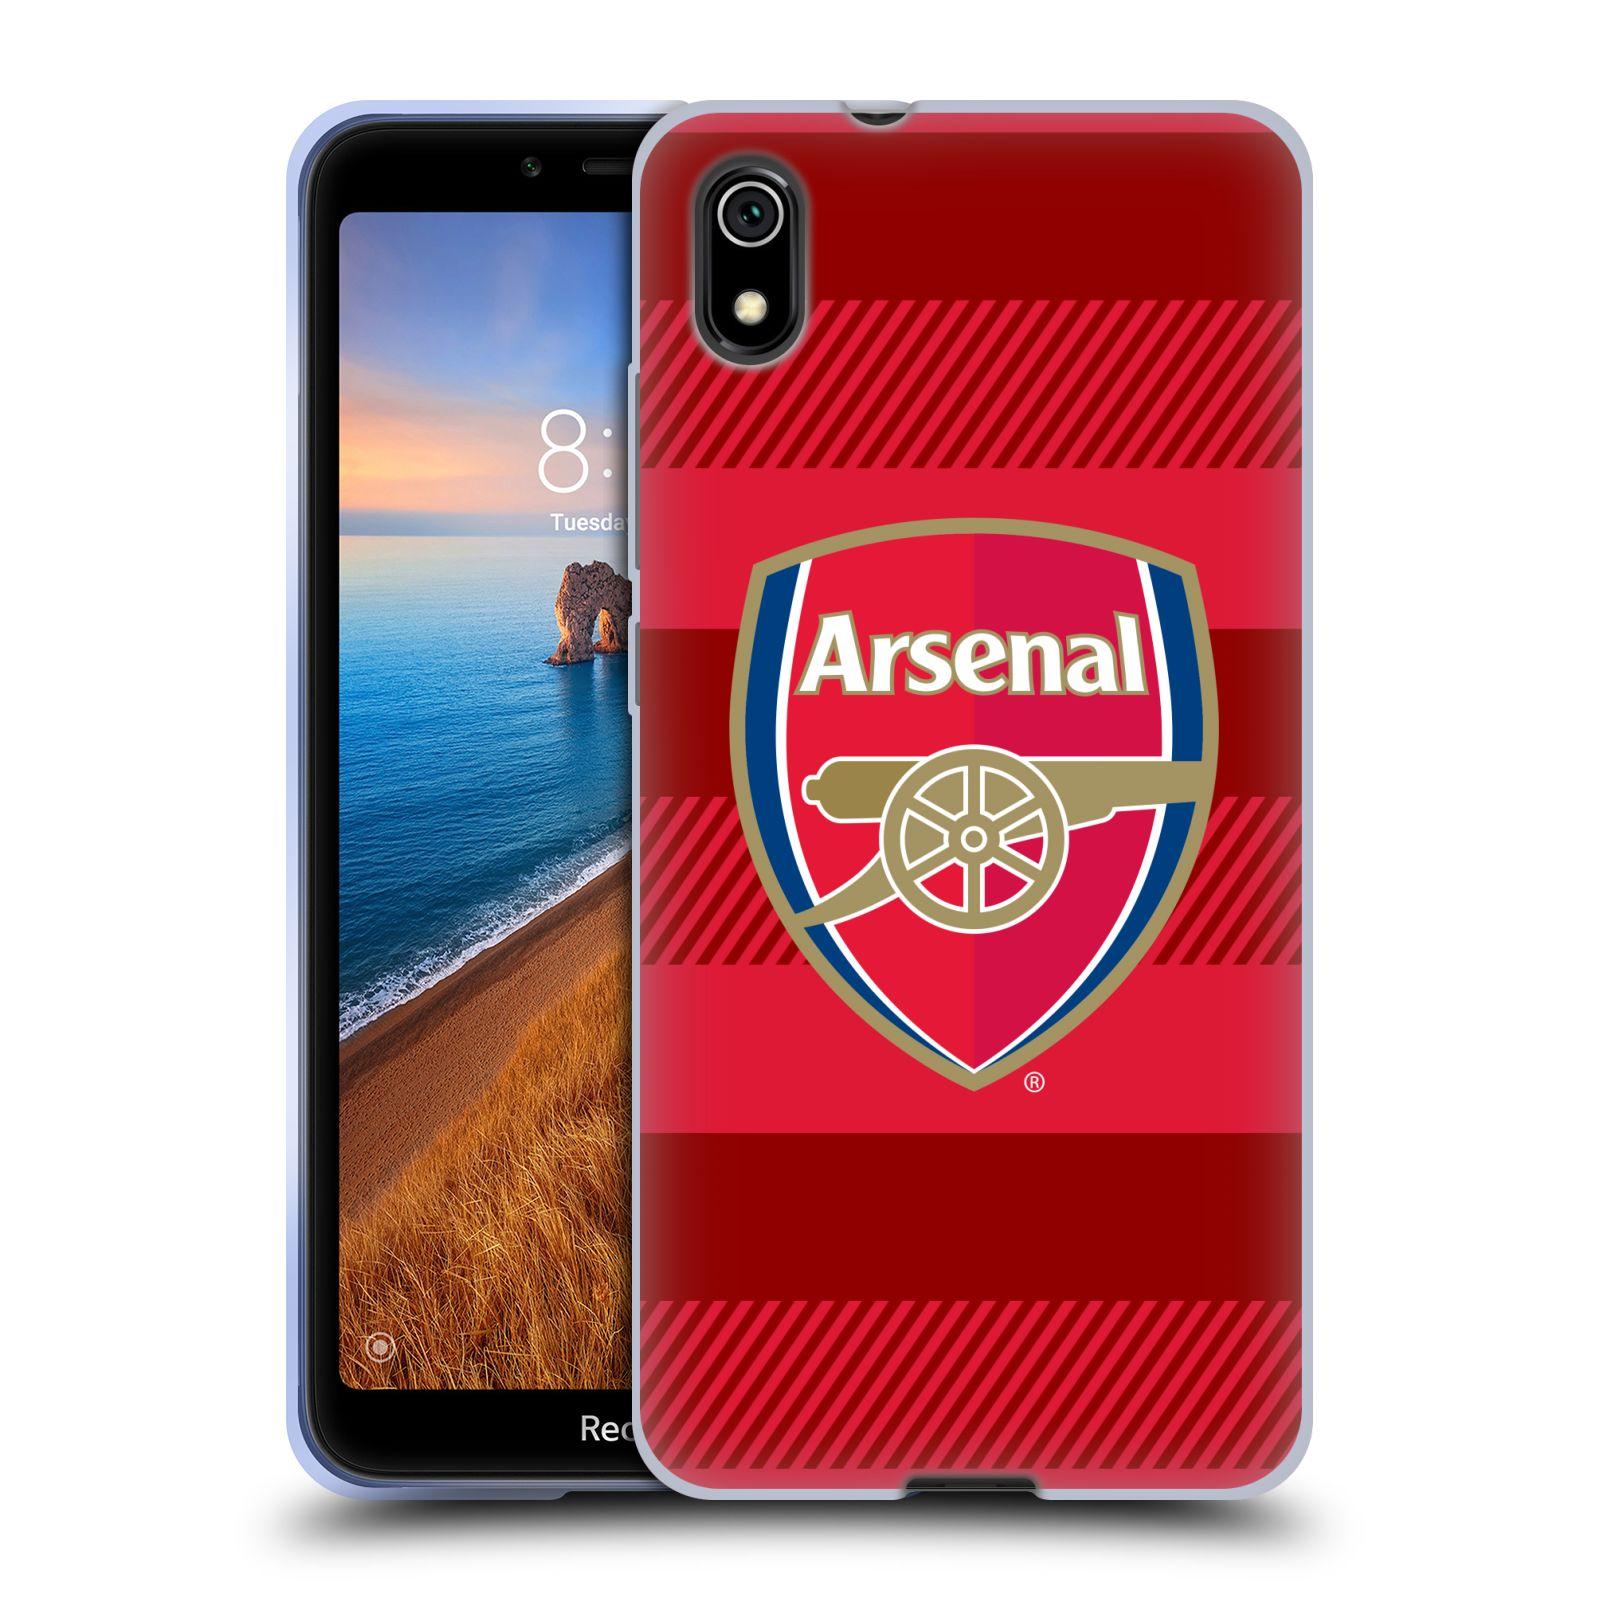 Silikonové pouzdro na mobil Redmi 7A - Head Case - Arsenal FC - Logo s pruhy